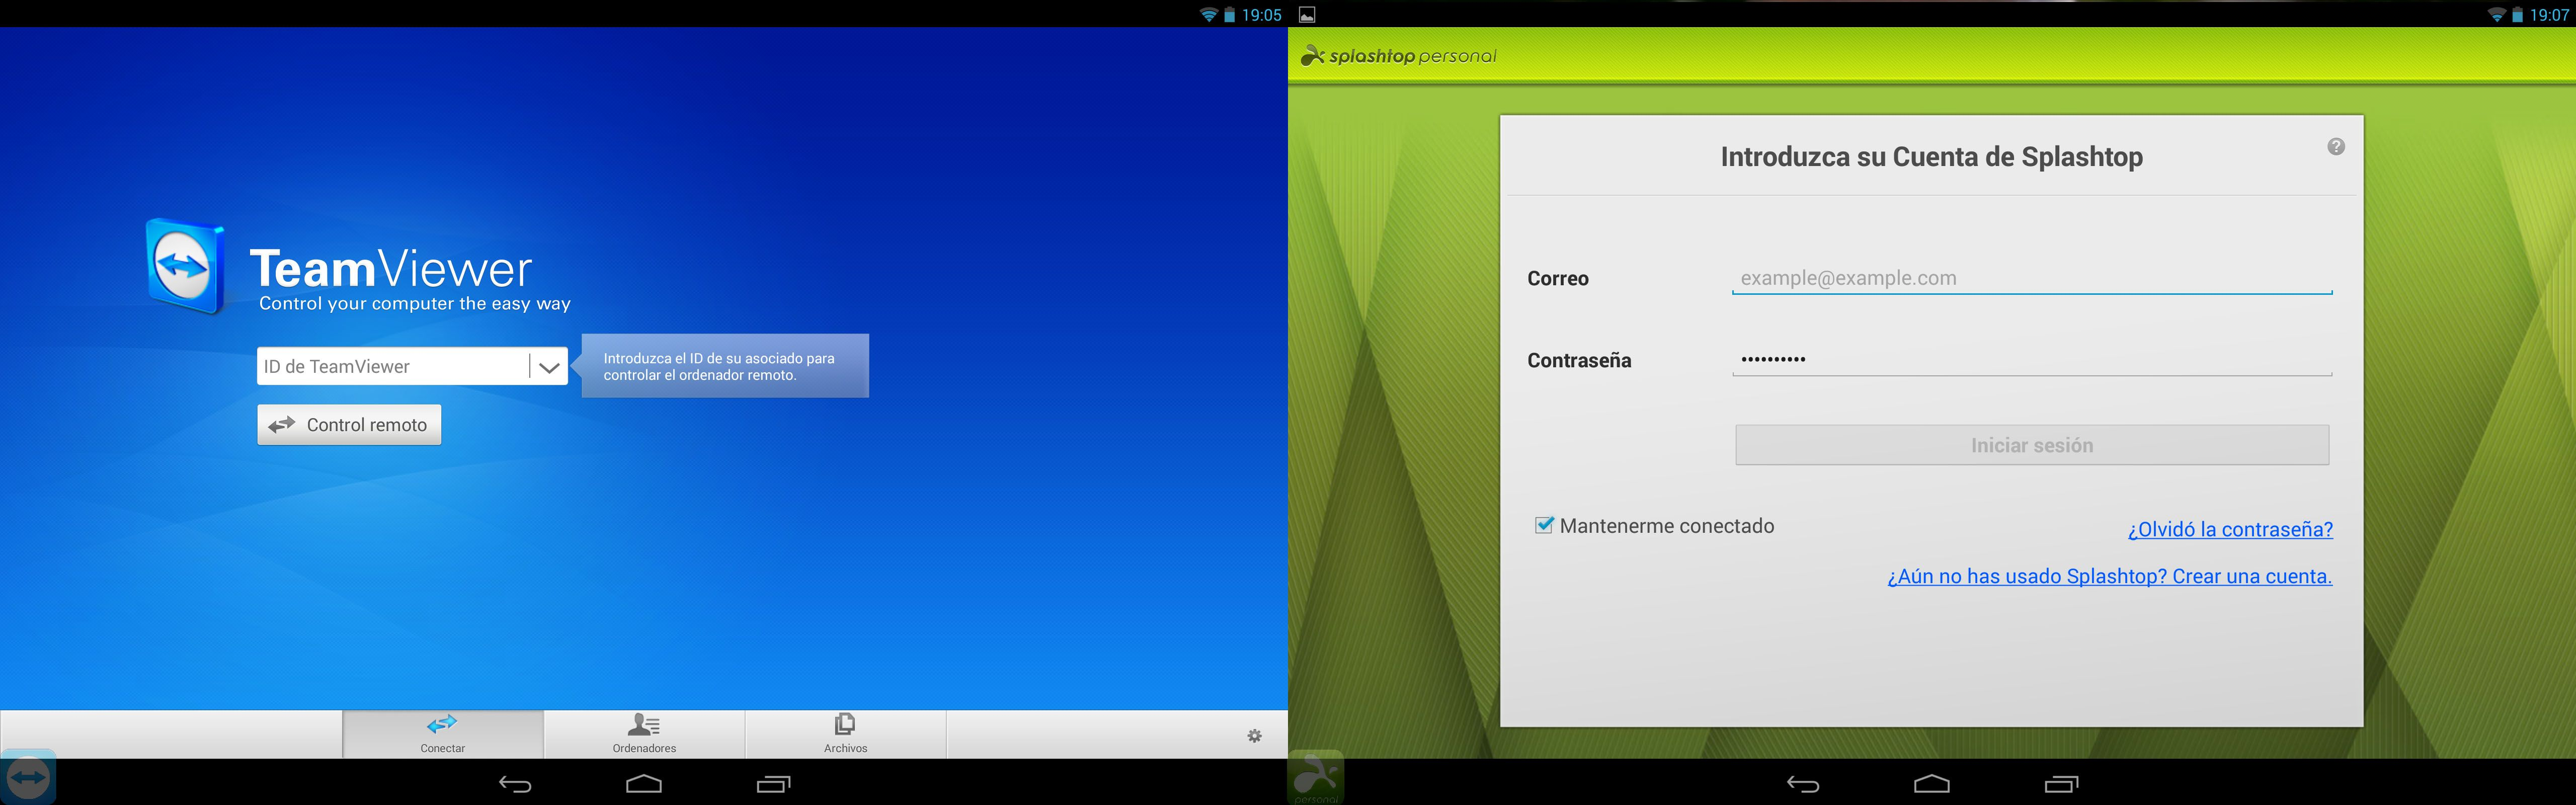 Splashtop-vs-TeamViewer-menu